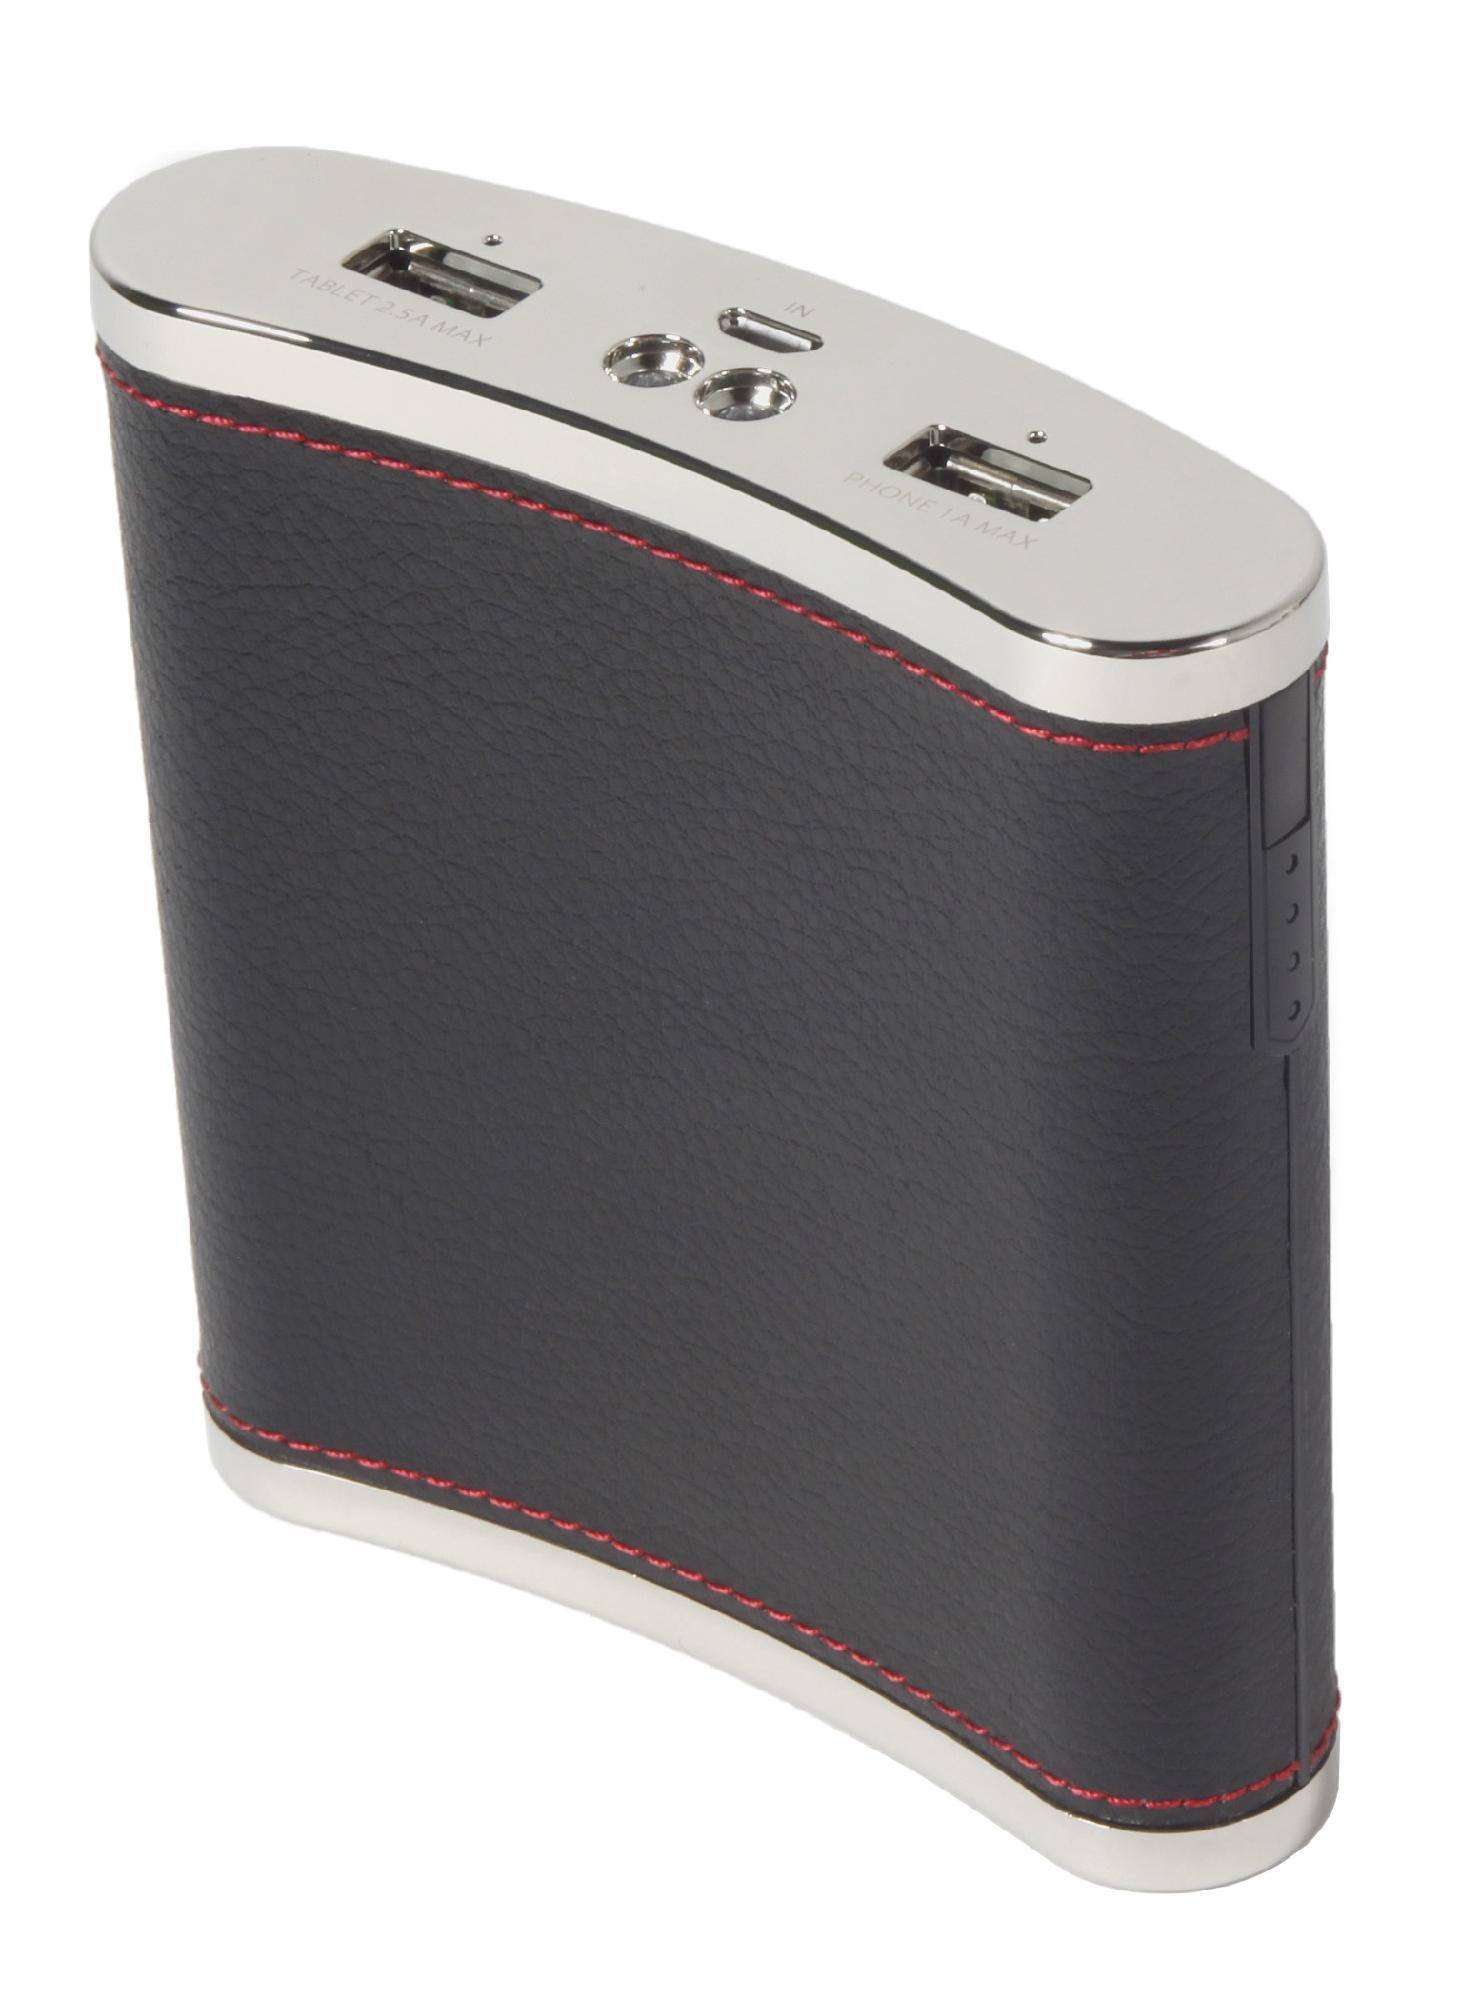 Digital Treasures 13000 mAh Portable Charging Power Bank PartNumber: 018V004913836000P KsnValue: 018V004913836000 MfgPartNumber: 8650